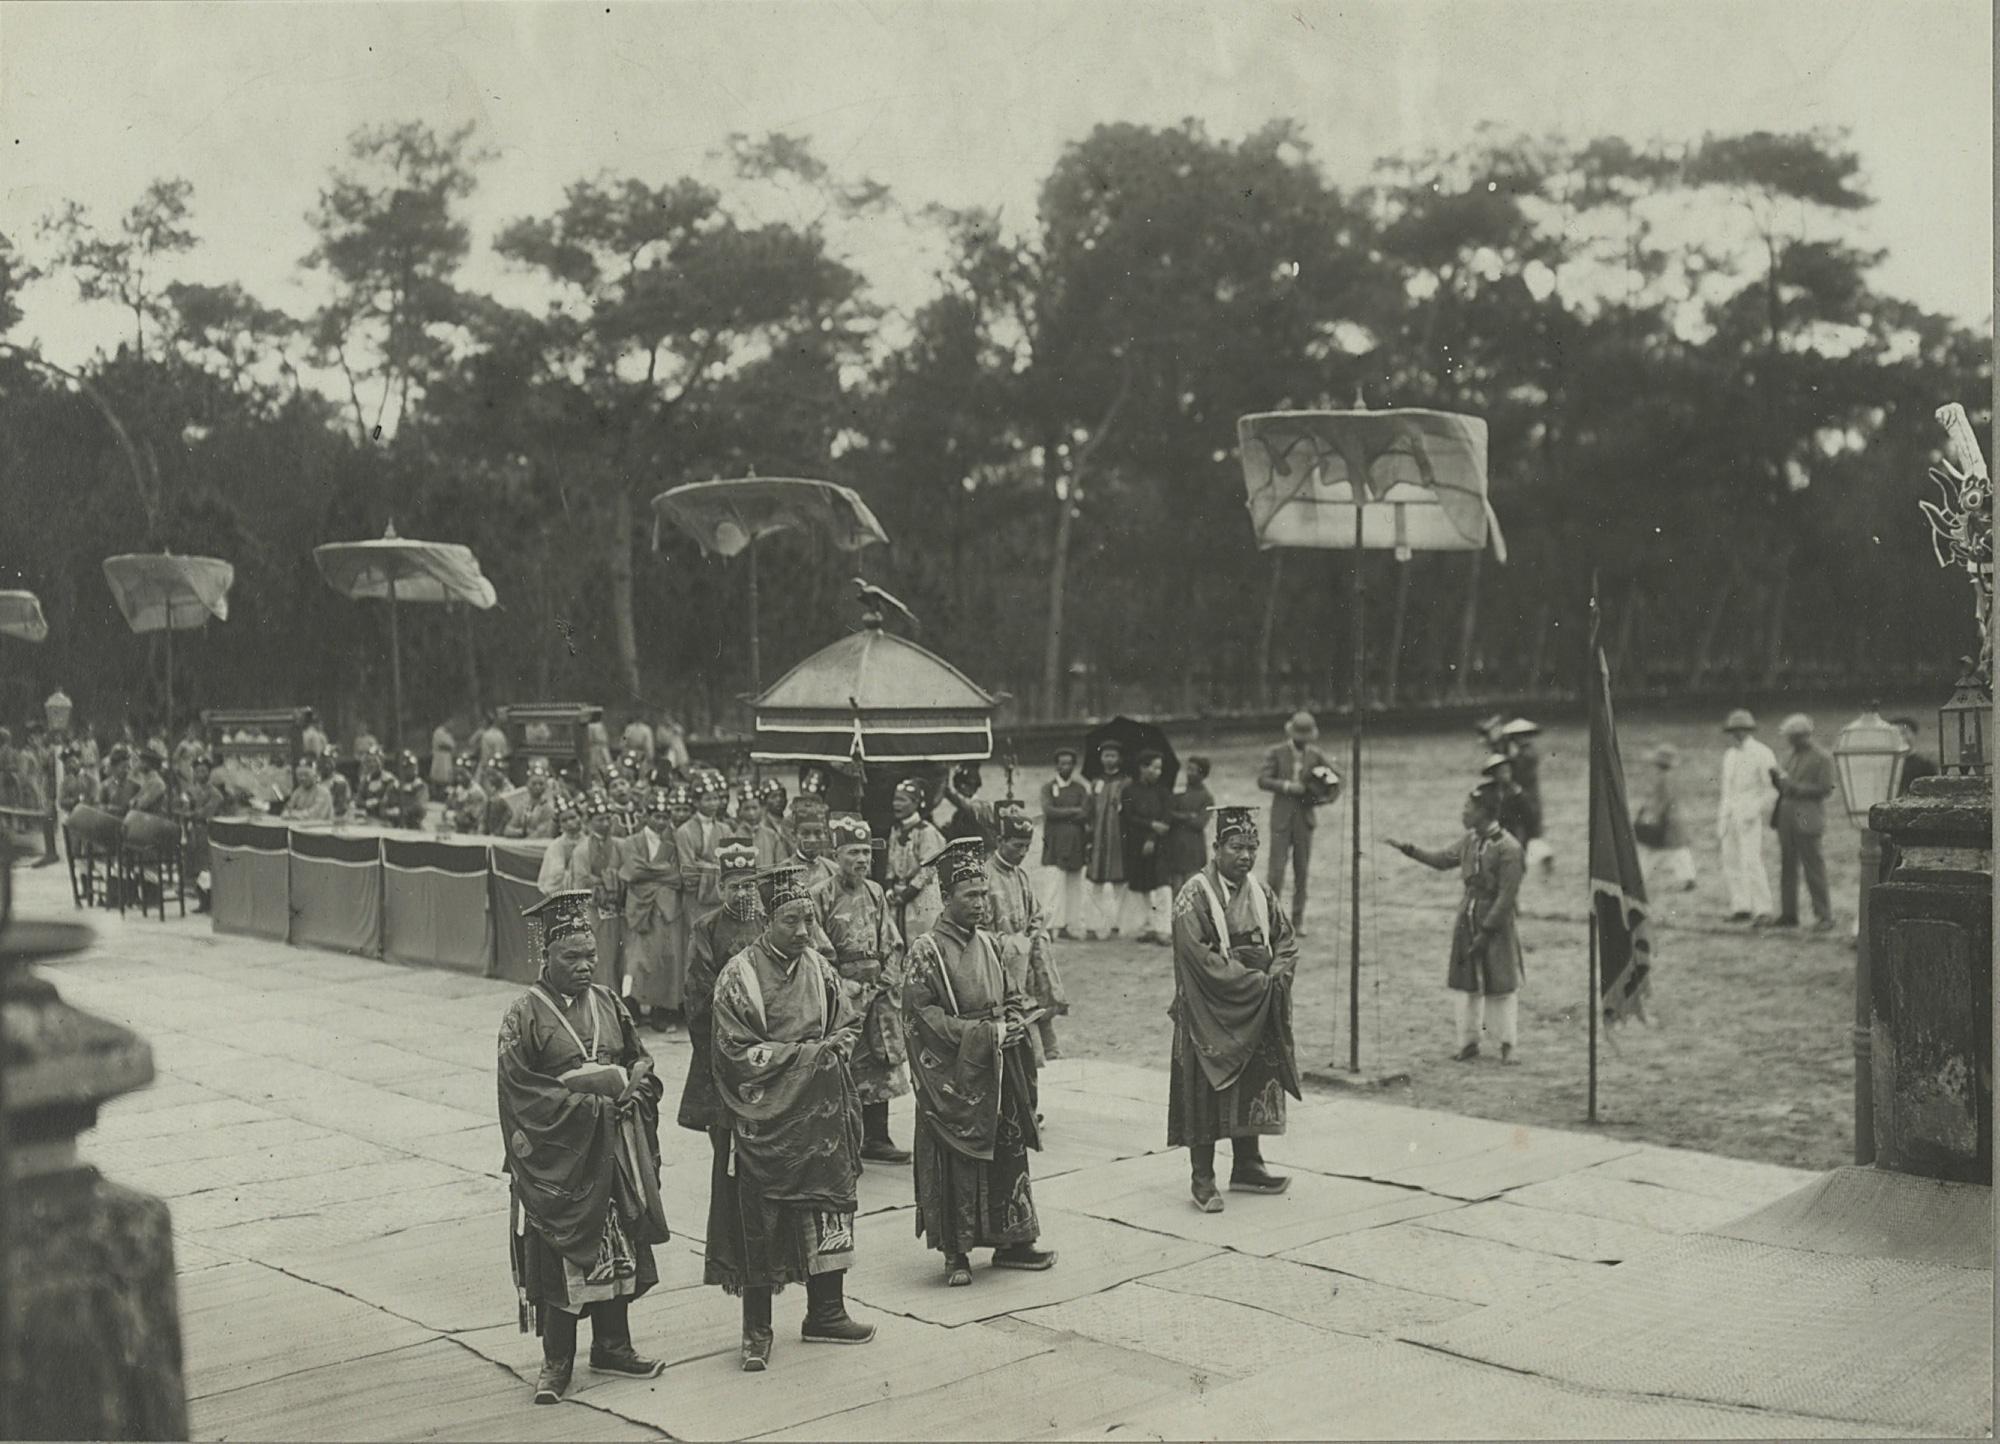 Nghi lễ tế trời đất tại đàn Nam Giao của các vua triều Nguyễn - Ảnh 3.